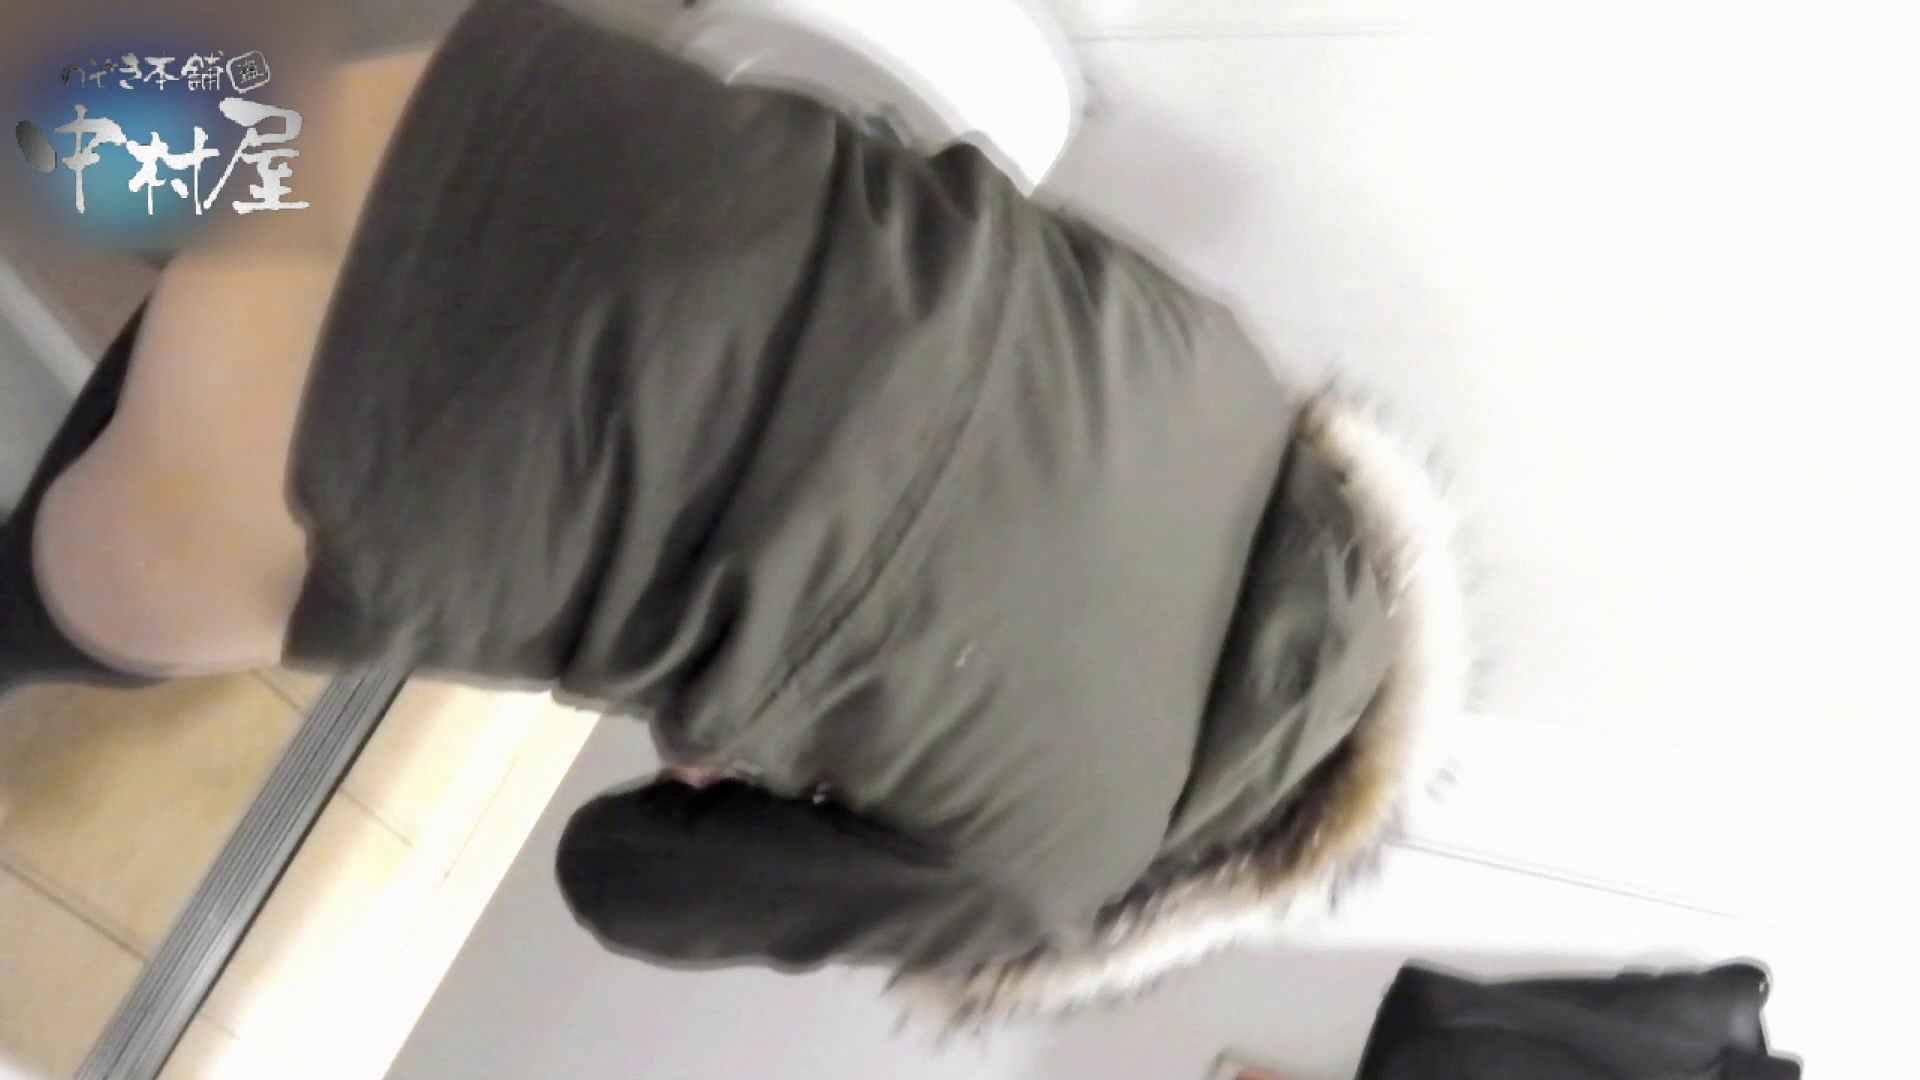 乙女集まる!ショッピングモール潜入撮vol.09 乙女 オメコ動画キャプチャ 87pic 75